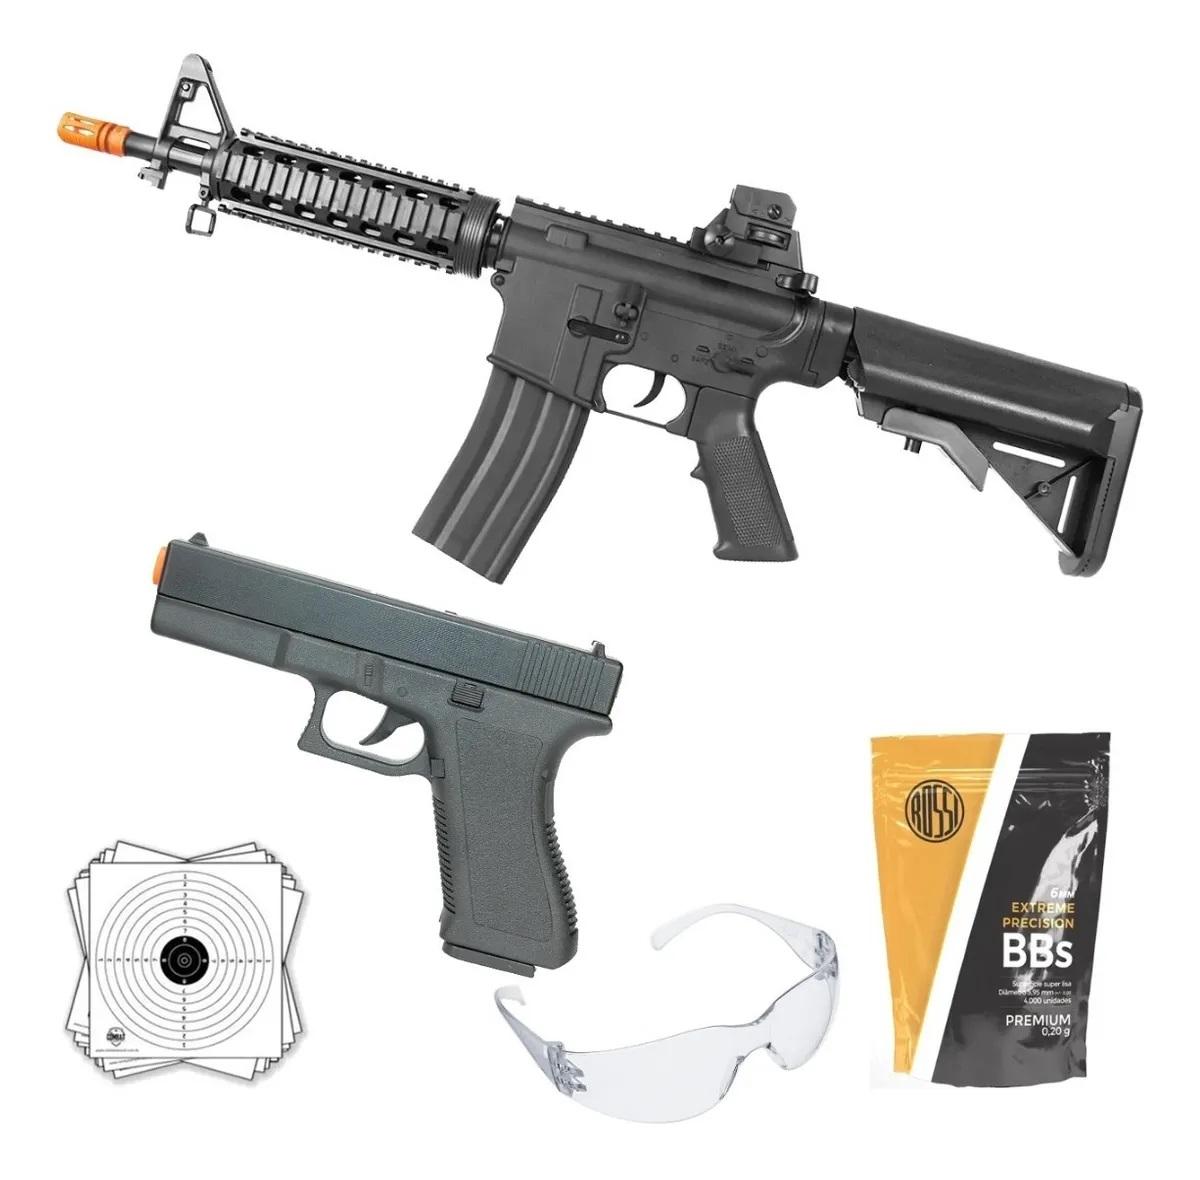 Kit Airsoft Vg Spring Rifle M4 8907 + Pistola Gk V307 + Bbs